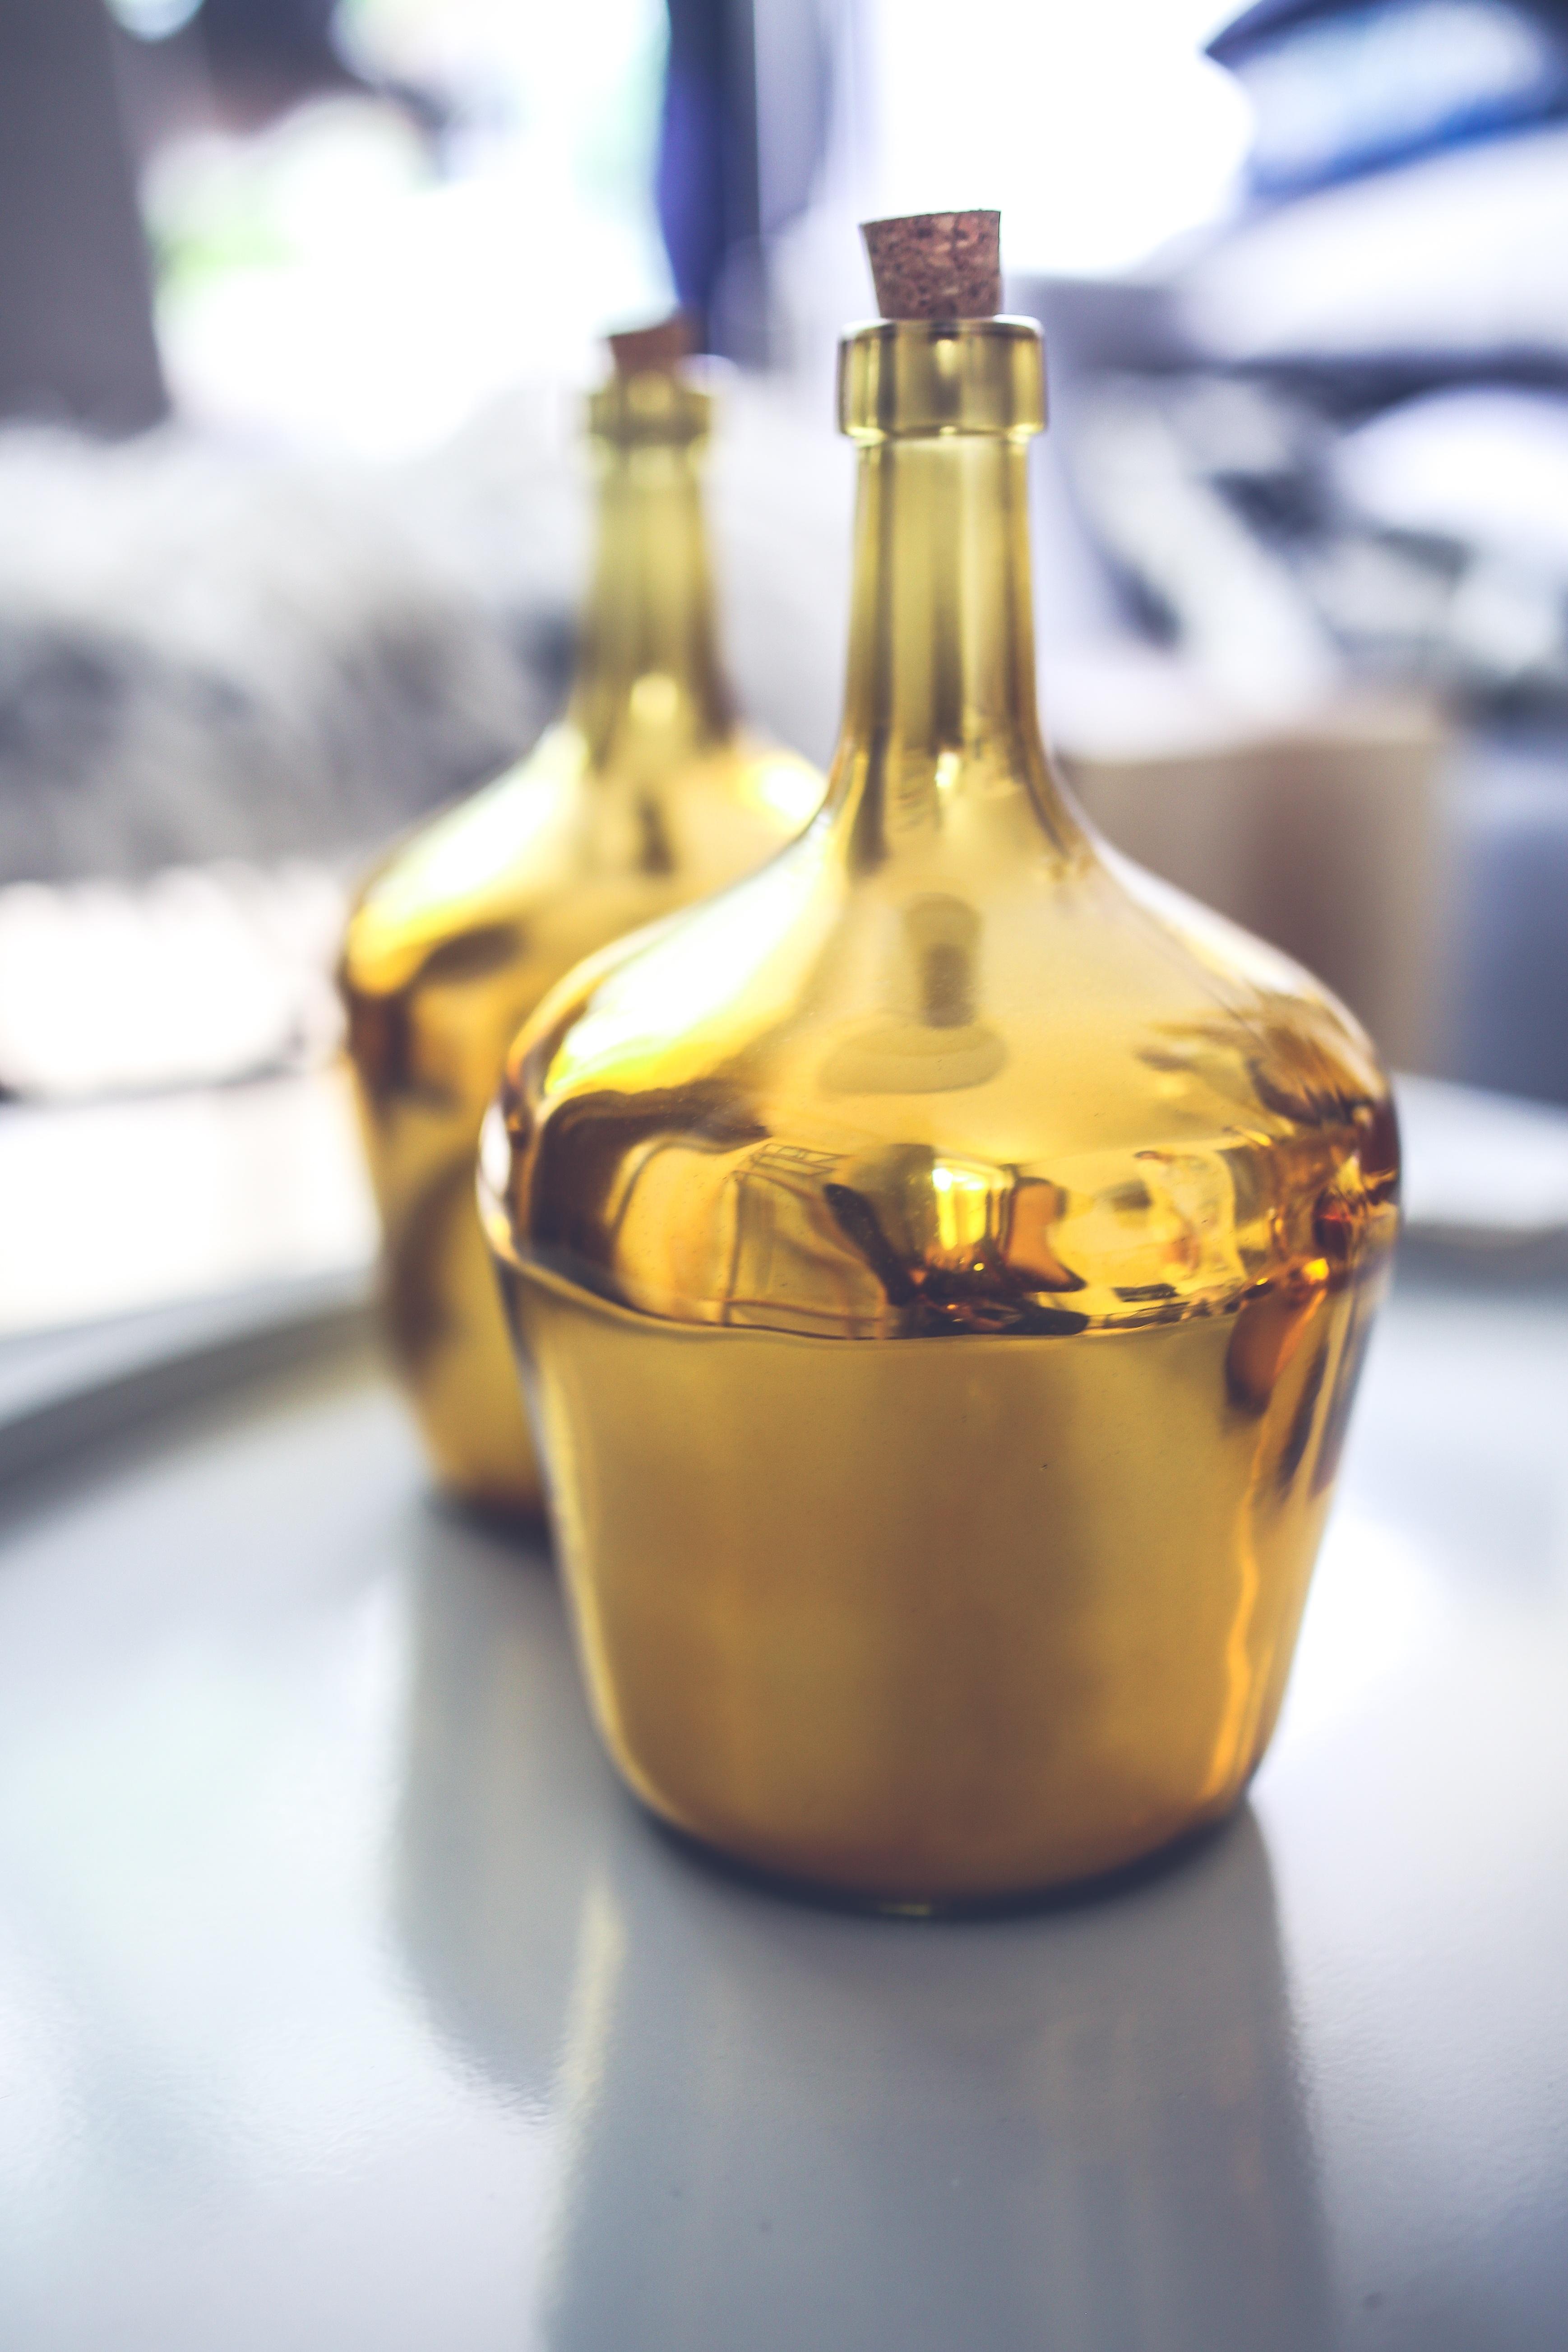 free images interior decoration food golden drink decor wine bottle glass bottle. Black Bedroom Furniture Sets. Home Design Ideas